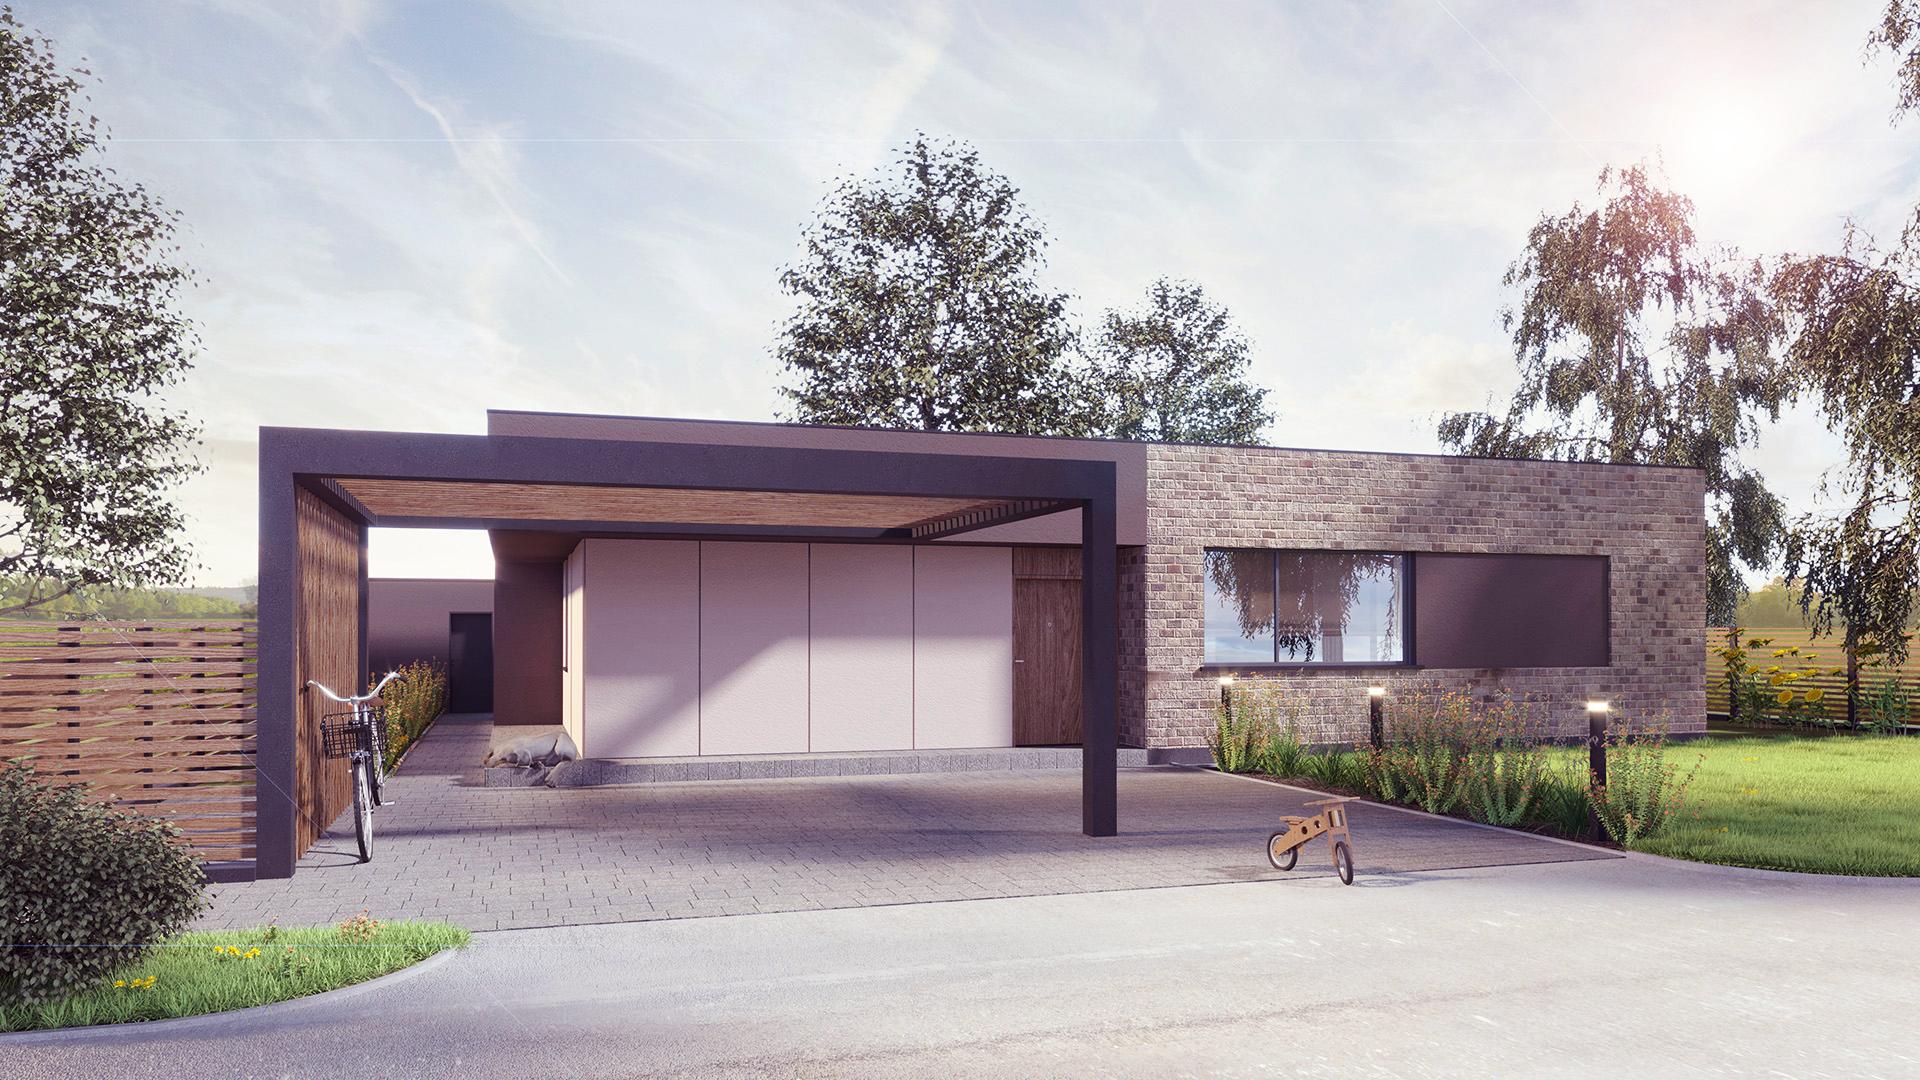 Dom jednorodzinny parterowy dach płaski, naturalne materiały, elewacja z cegły. M2 Architektura Katowice - Pracownia Projektowa Katowice